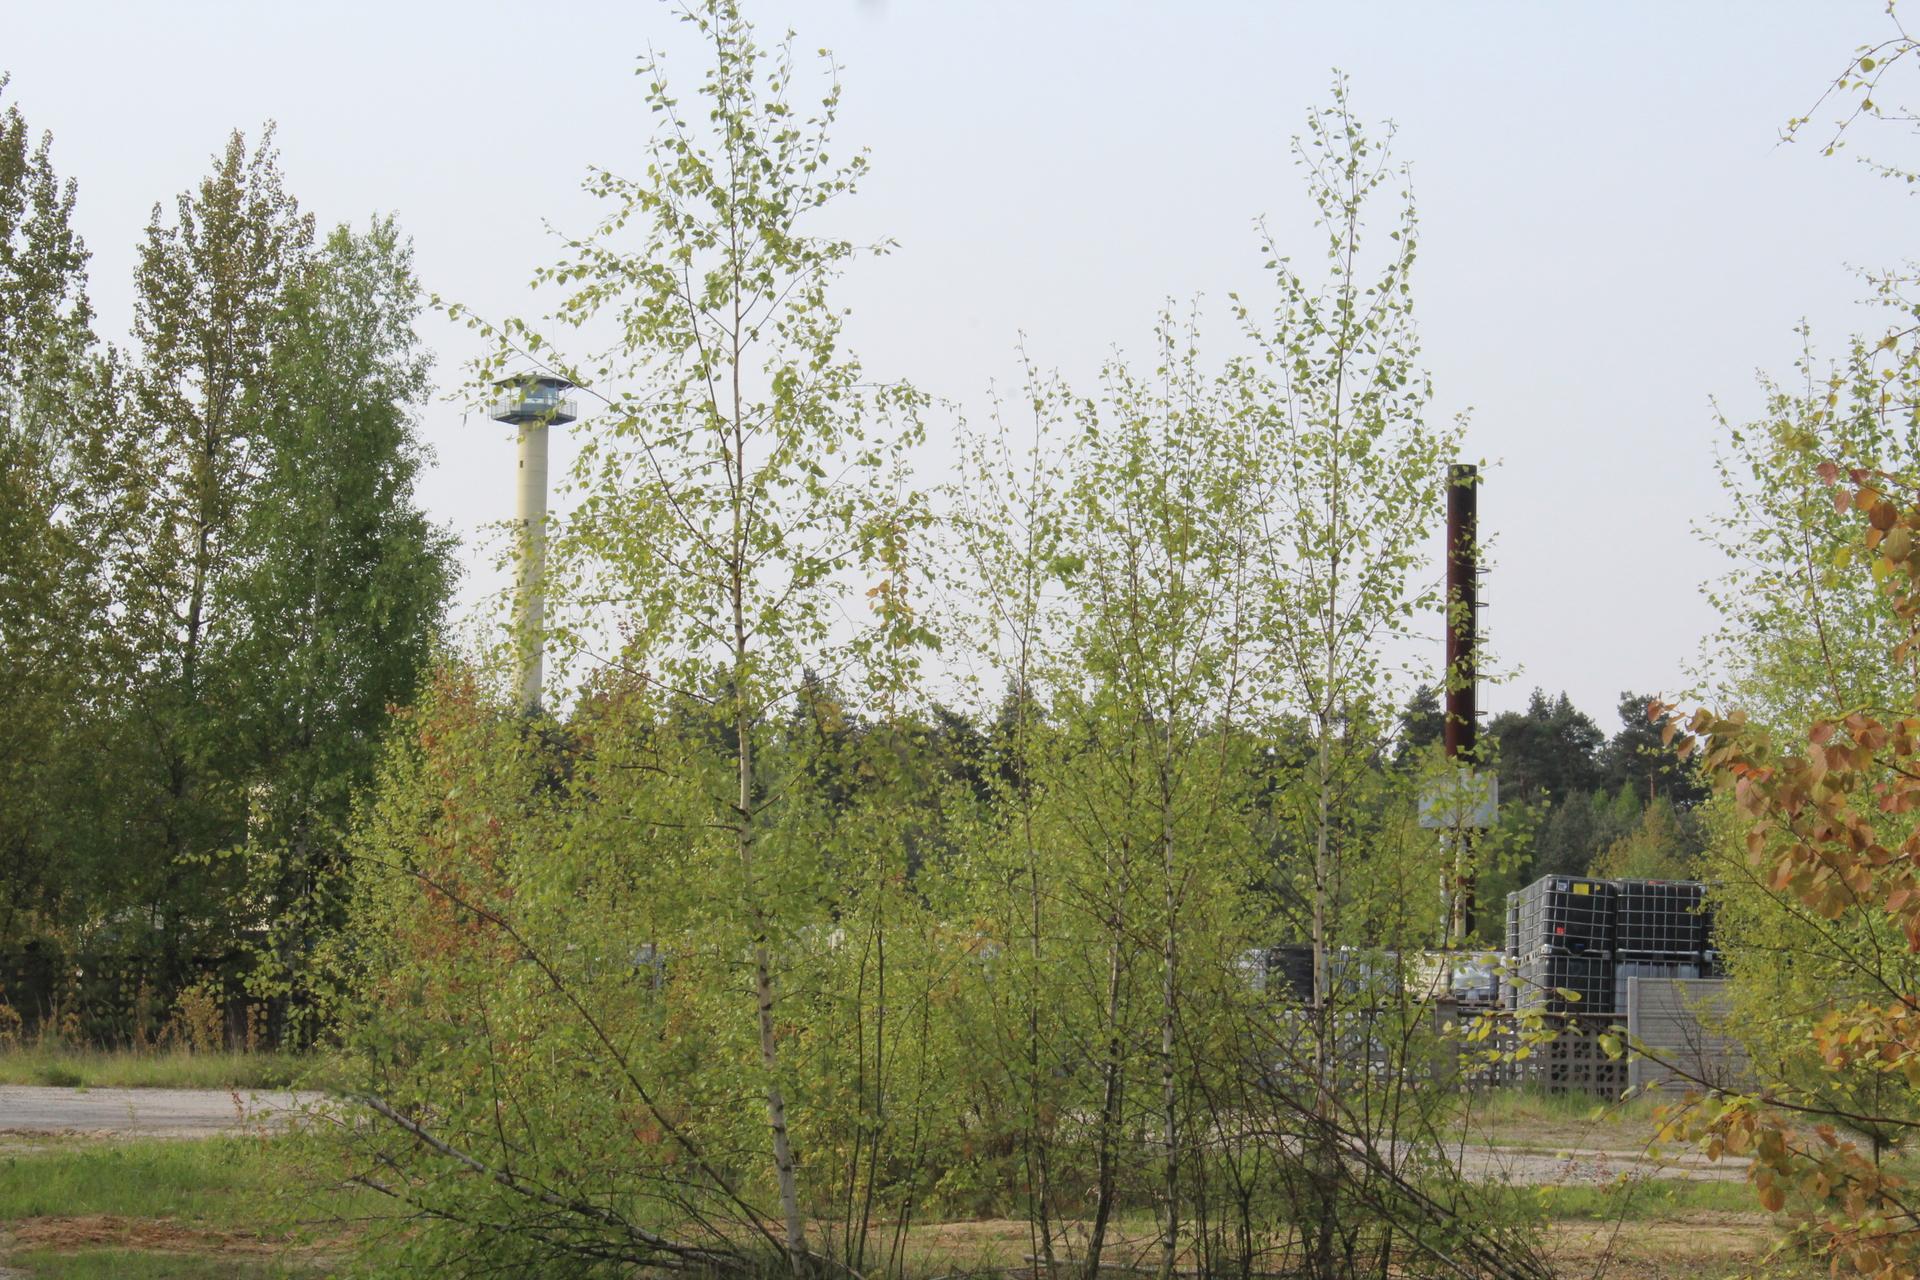 Zarzut za nielegalne odpady koło Jakubowa (WIDEO)